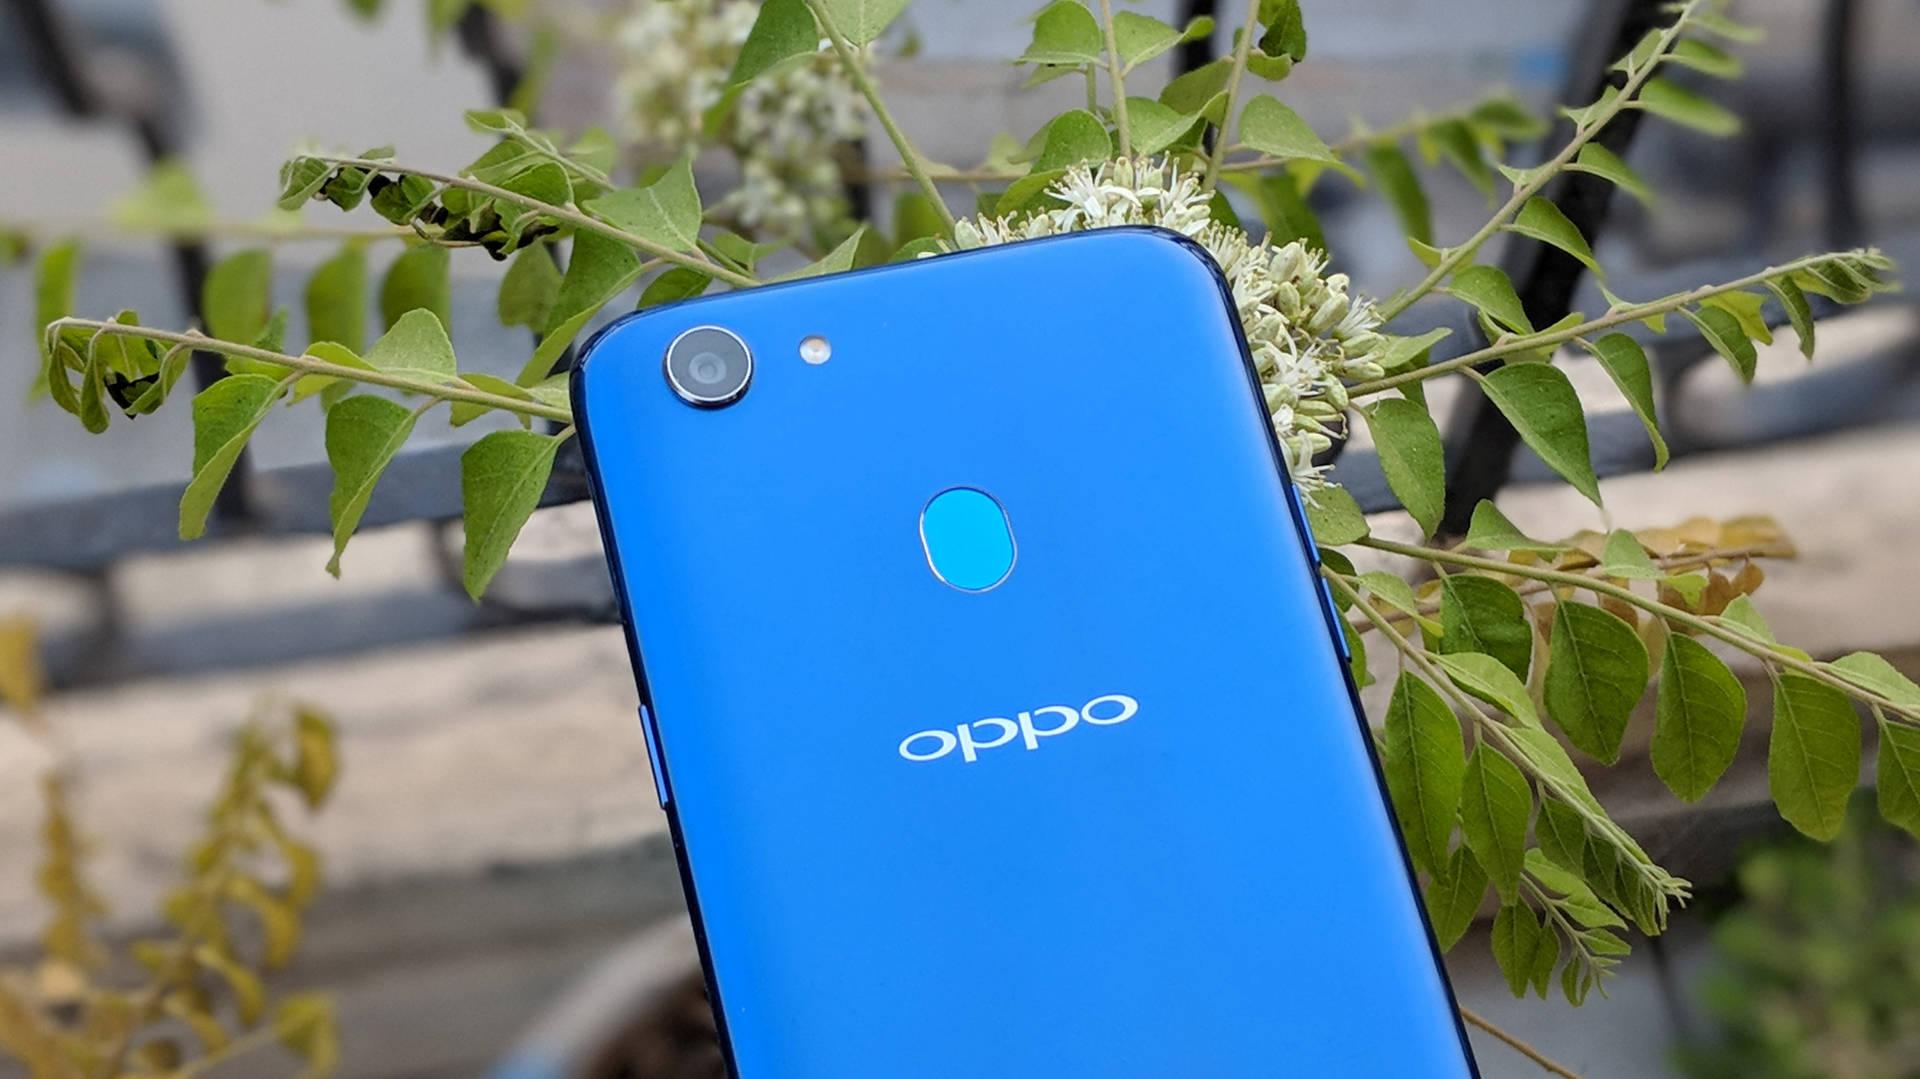 OPPO F5 camera shutter